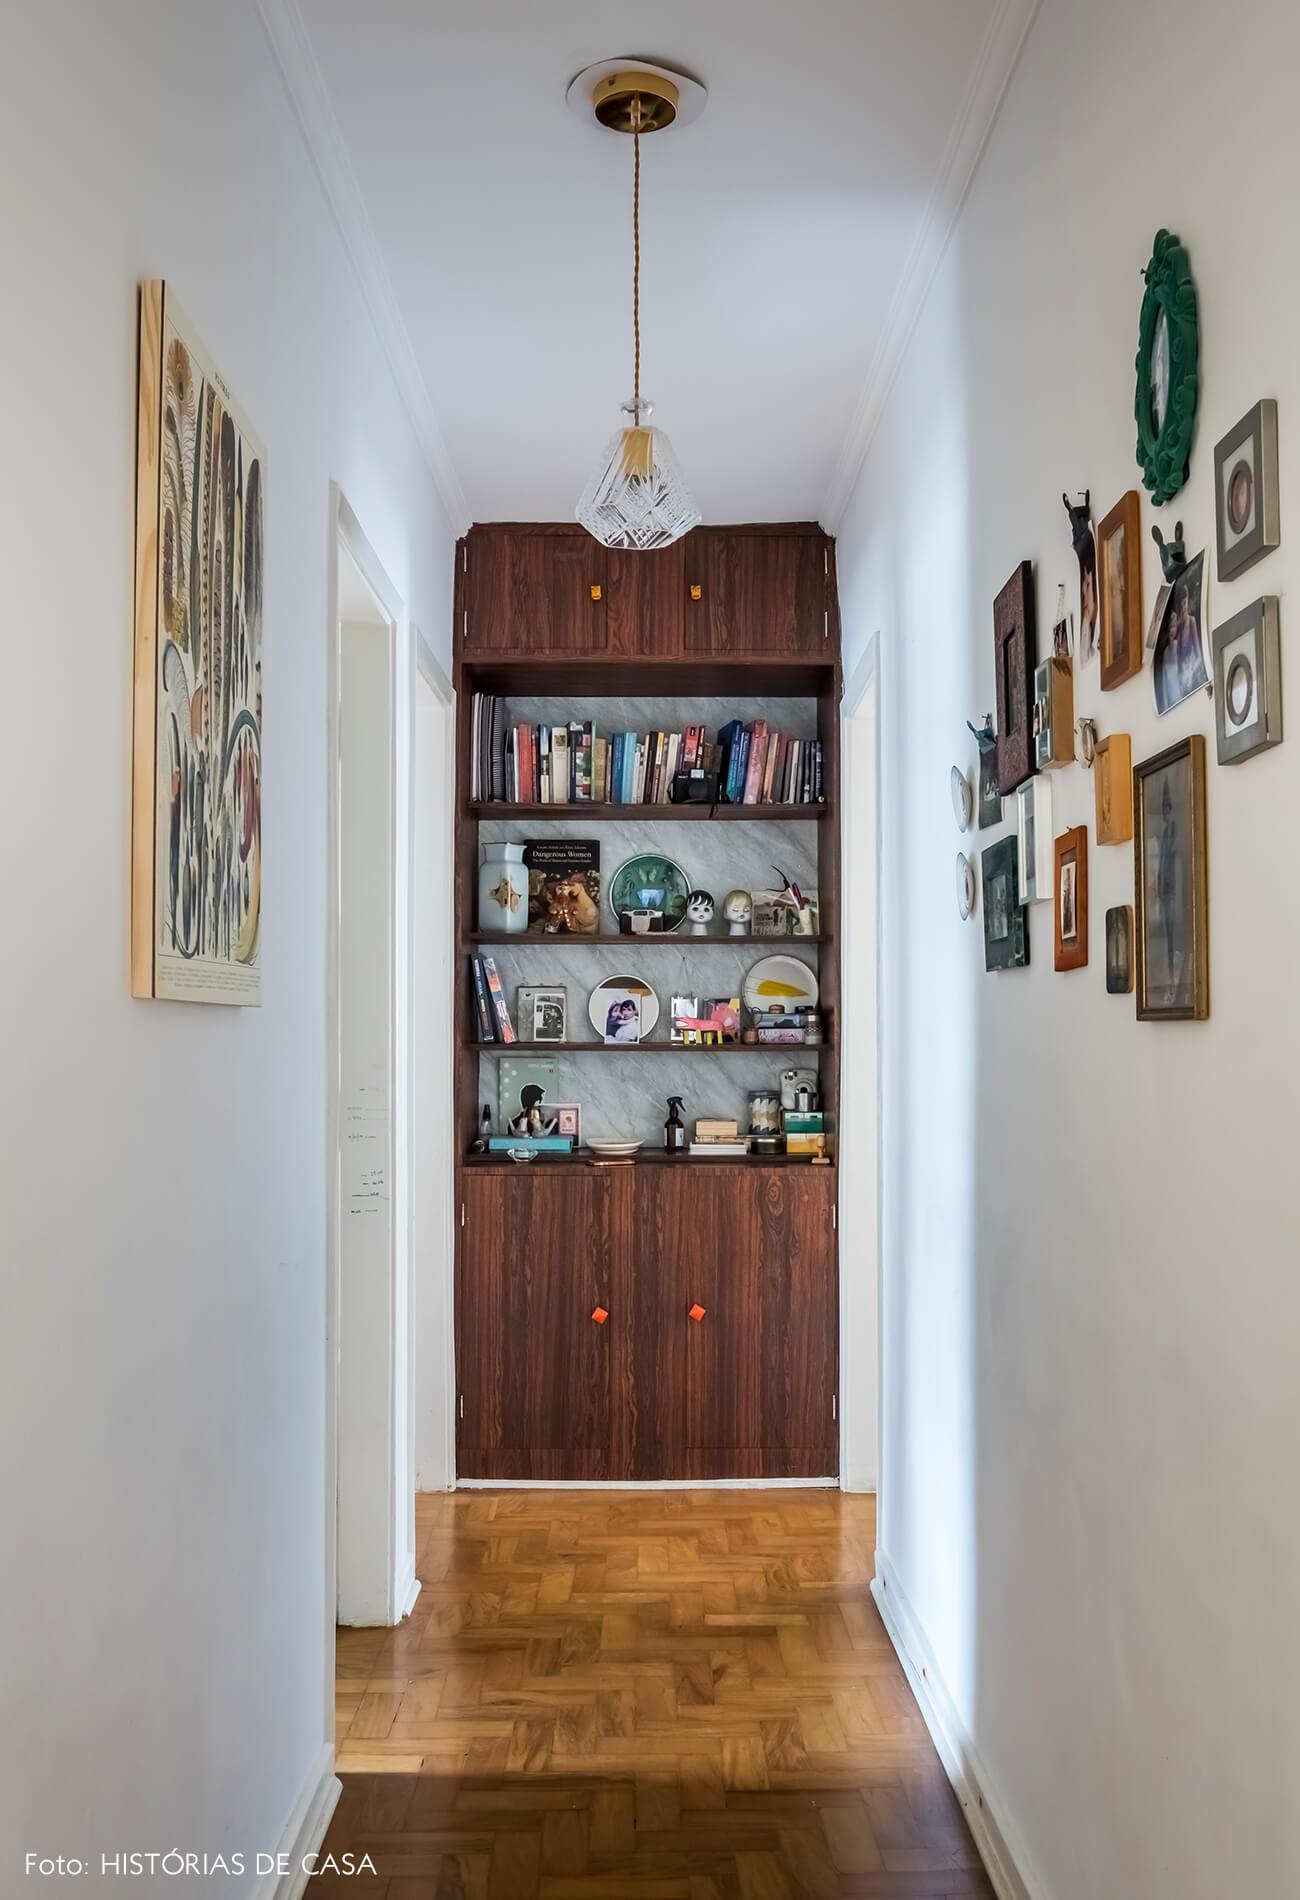 Apartamento antigo com corredor e armário vintage embutido